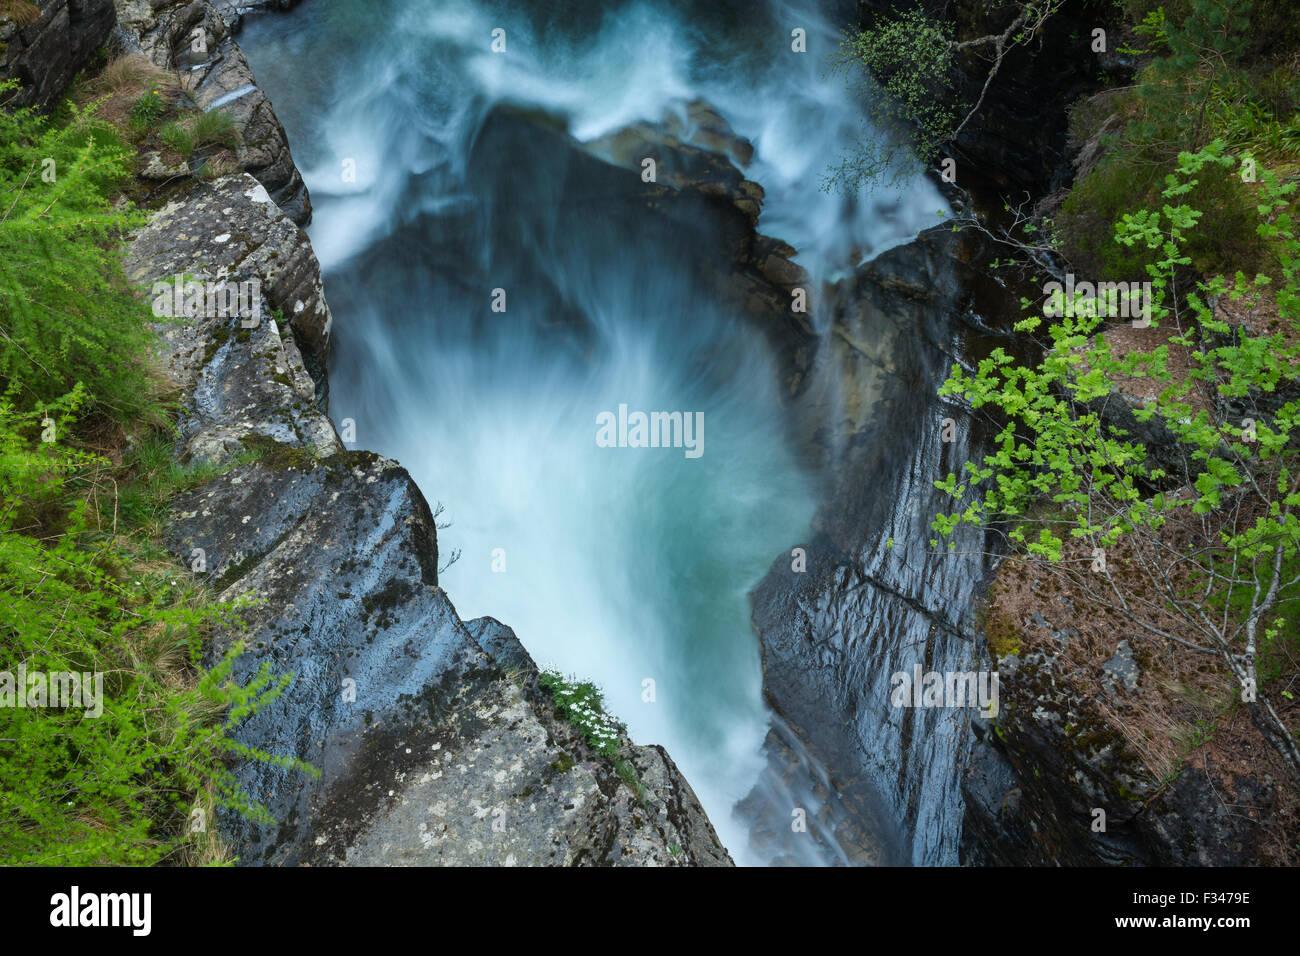 Madera en el anamones Lin de Quoich, Deeside, aberdeenshire, Escocia Imagen De Stock